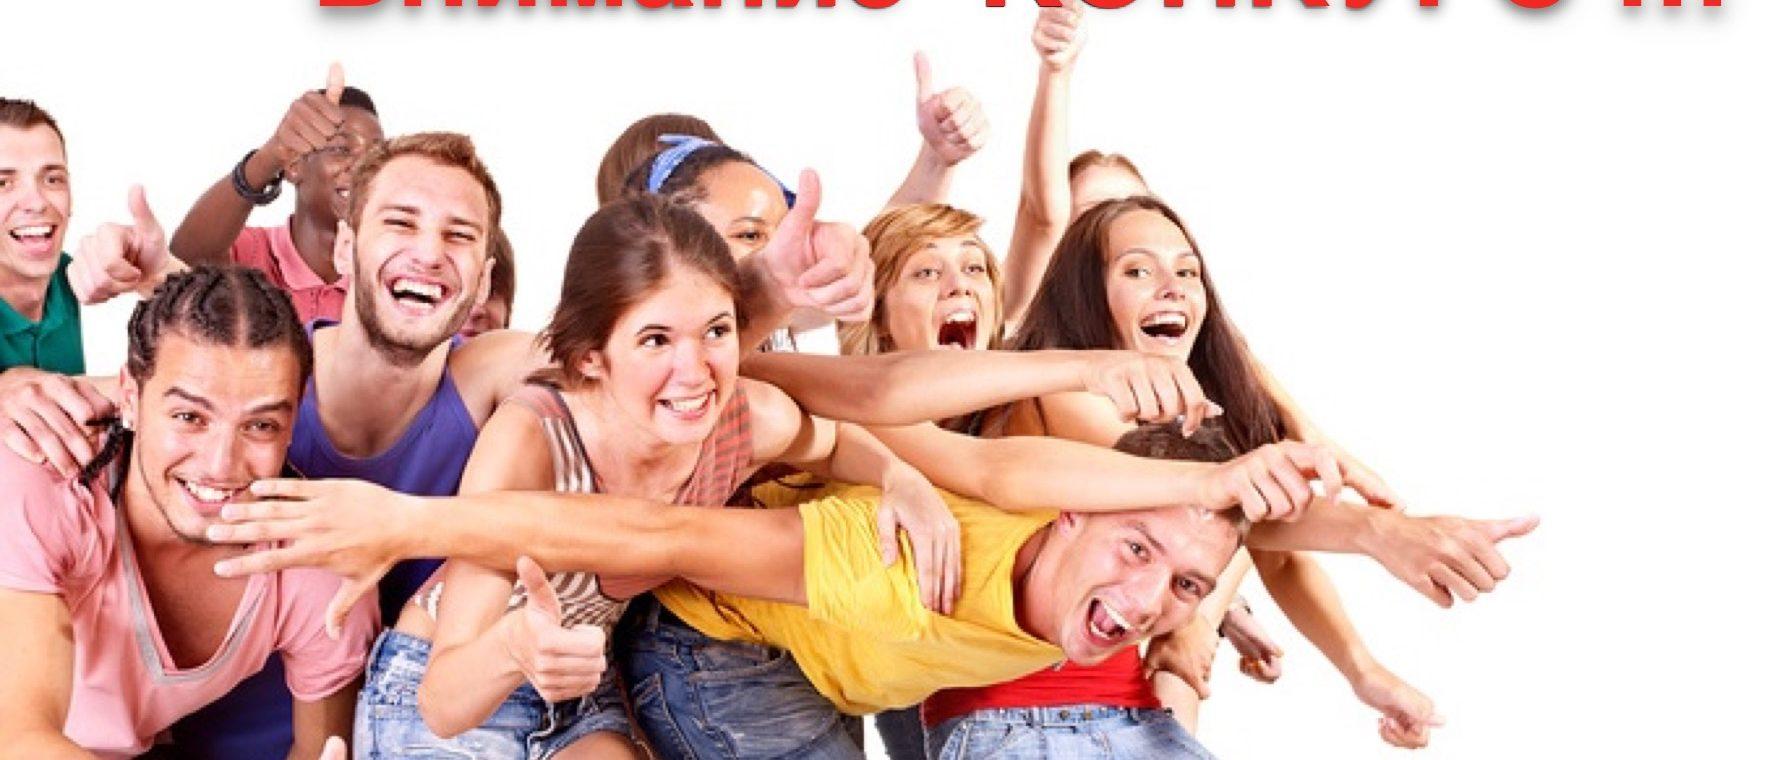 Курсы для детей Харьков, курсы для подростков в Харькове, тренинги для детей в Харькове, тренинги для подростков в Харькове, Школа Лидерства Елены Березовской, Елена березовская, Школа Лидерства, развитие подростков, курсы по ораторскому мастерству, тренинги по ораторскому искусству, тренинги по развитию подростков, тренинги по развитию самооценки подростков, тренер Елена березовская, бизне-тренинги